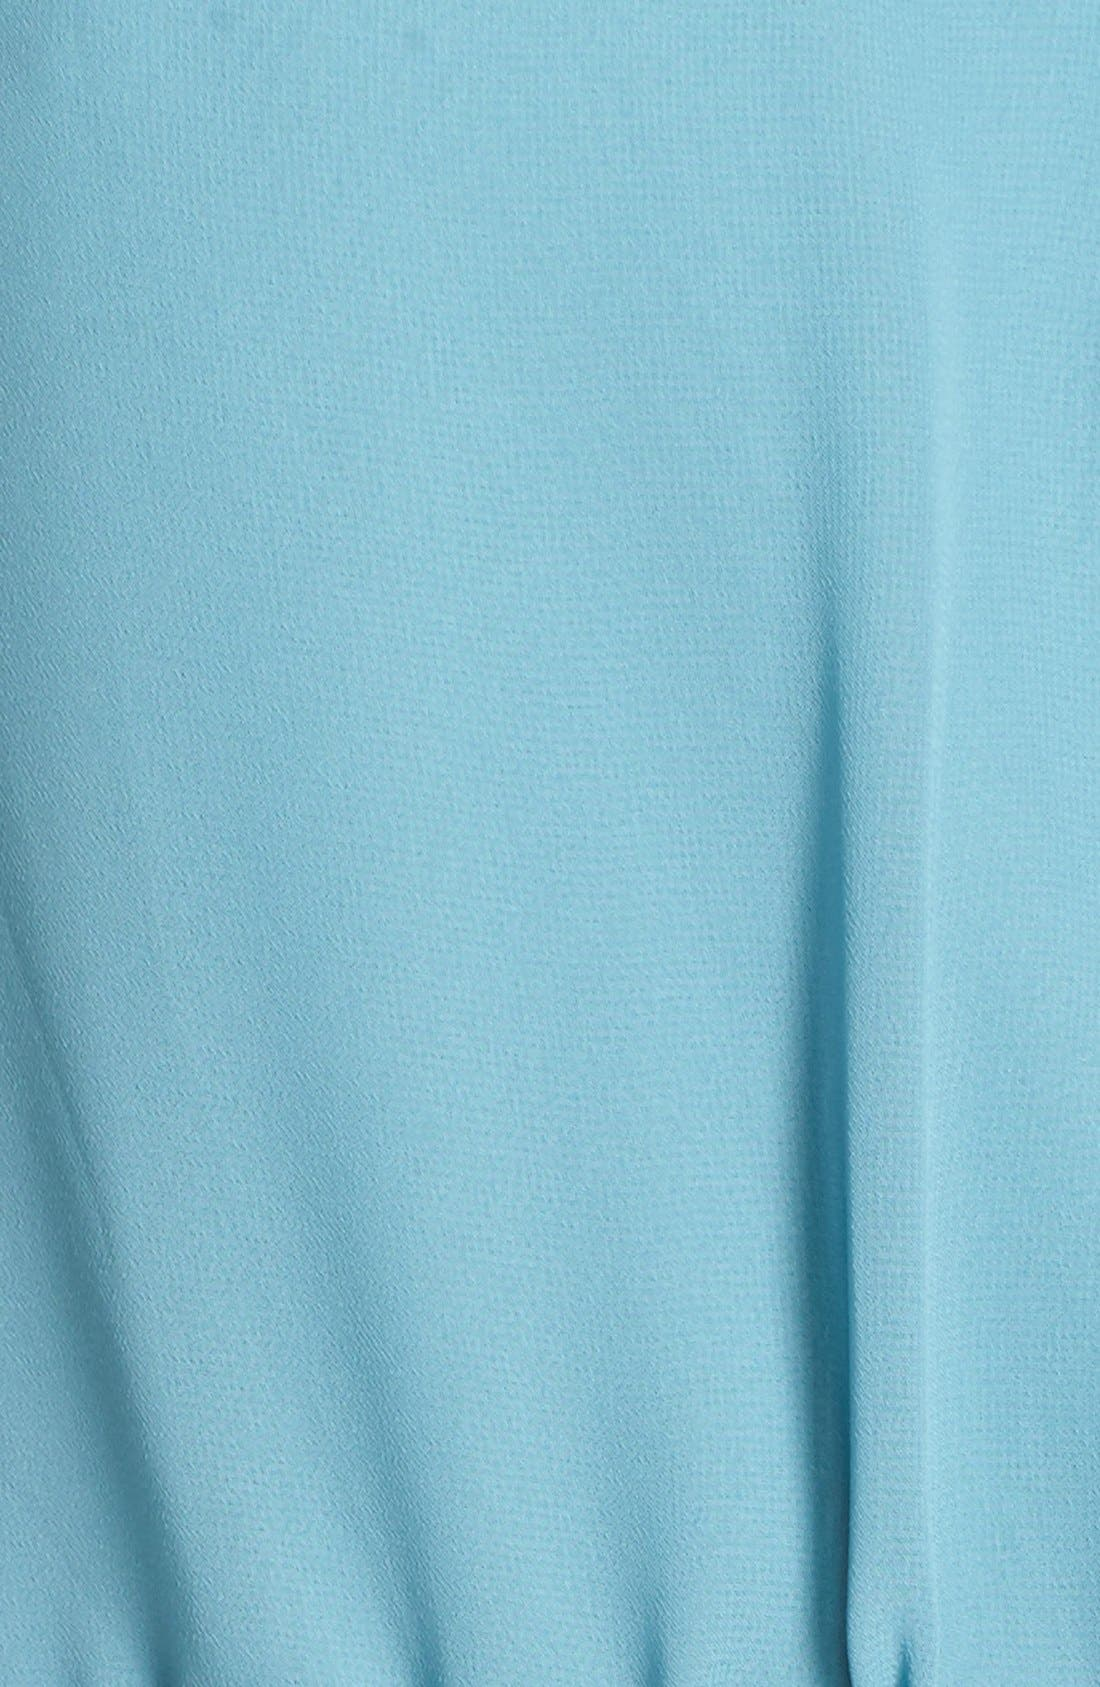 'Delaney' Belted A-Line Chiffon Halter Dress,                             Alternate thumbnail 5, color,                             Teal